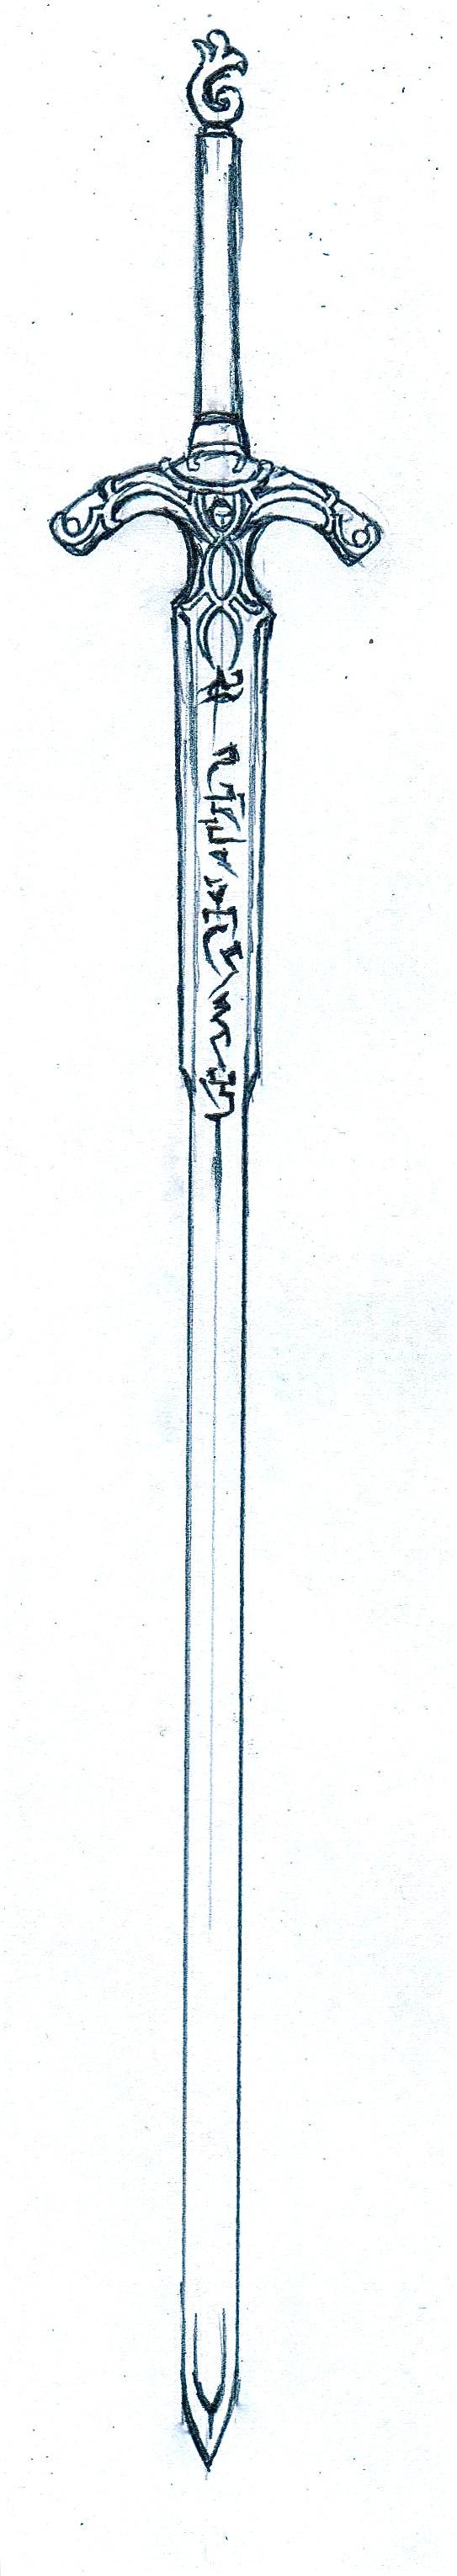 Shinkoru